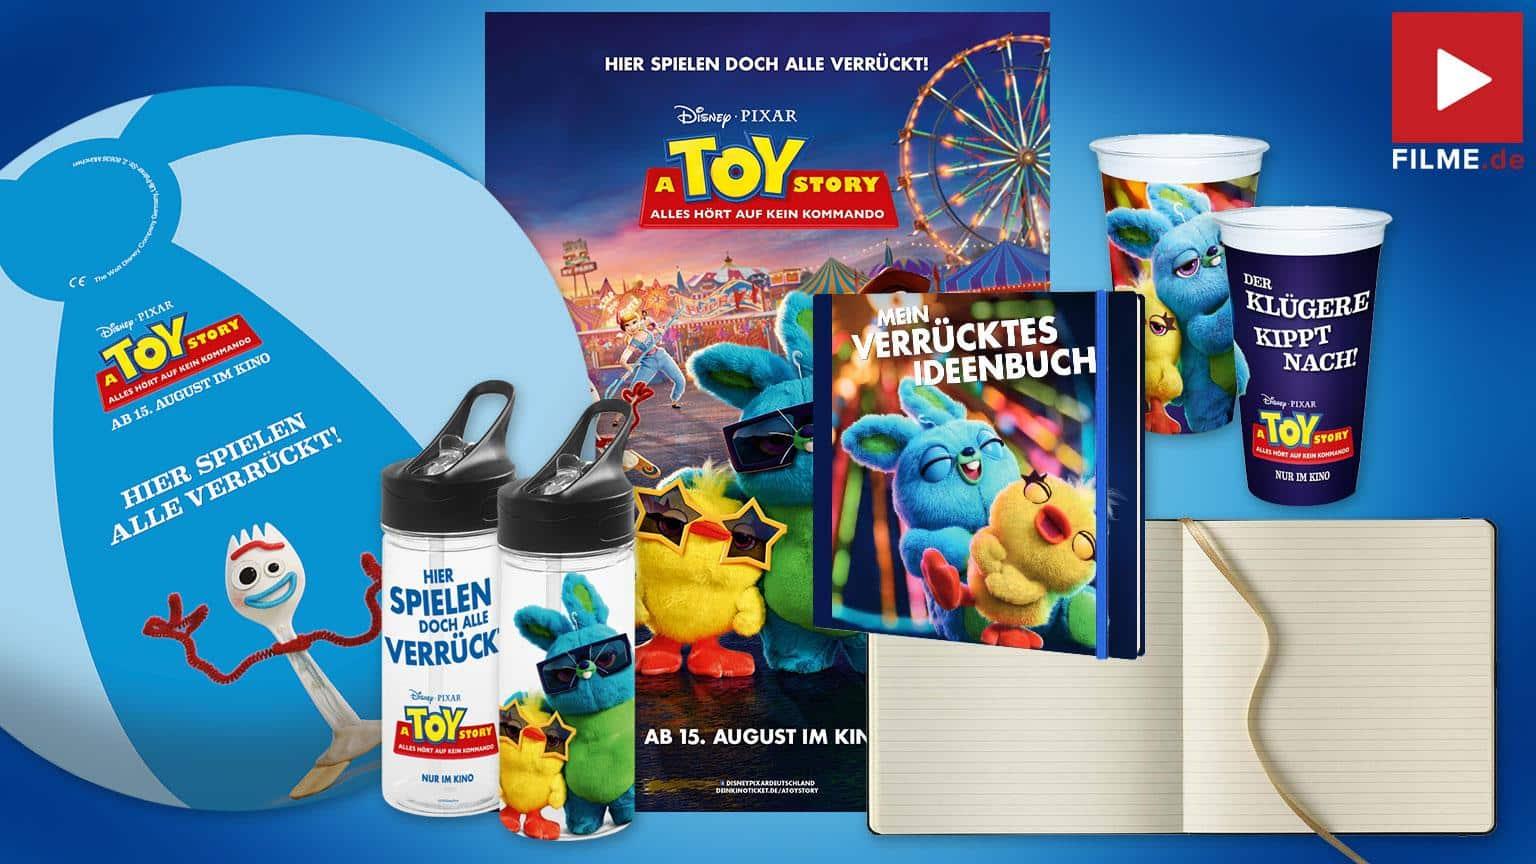 A Toy Story Alles hört auf kein Kommando Gewinnspiel Artikelbild